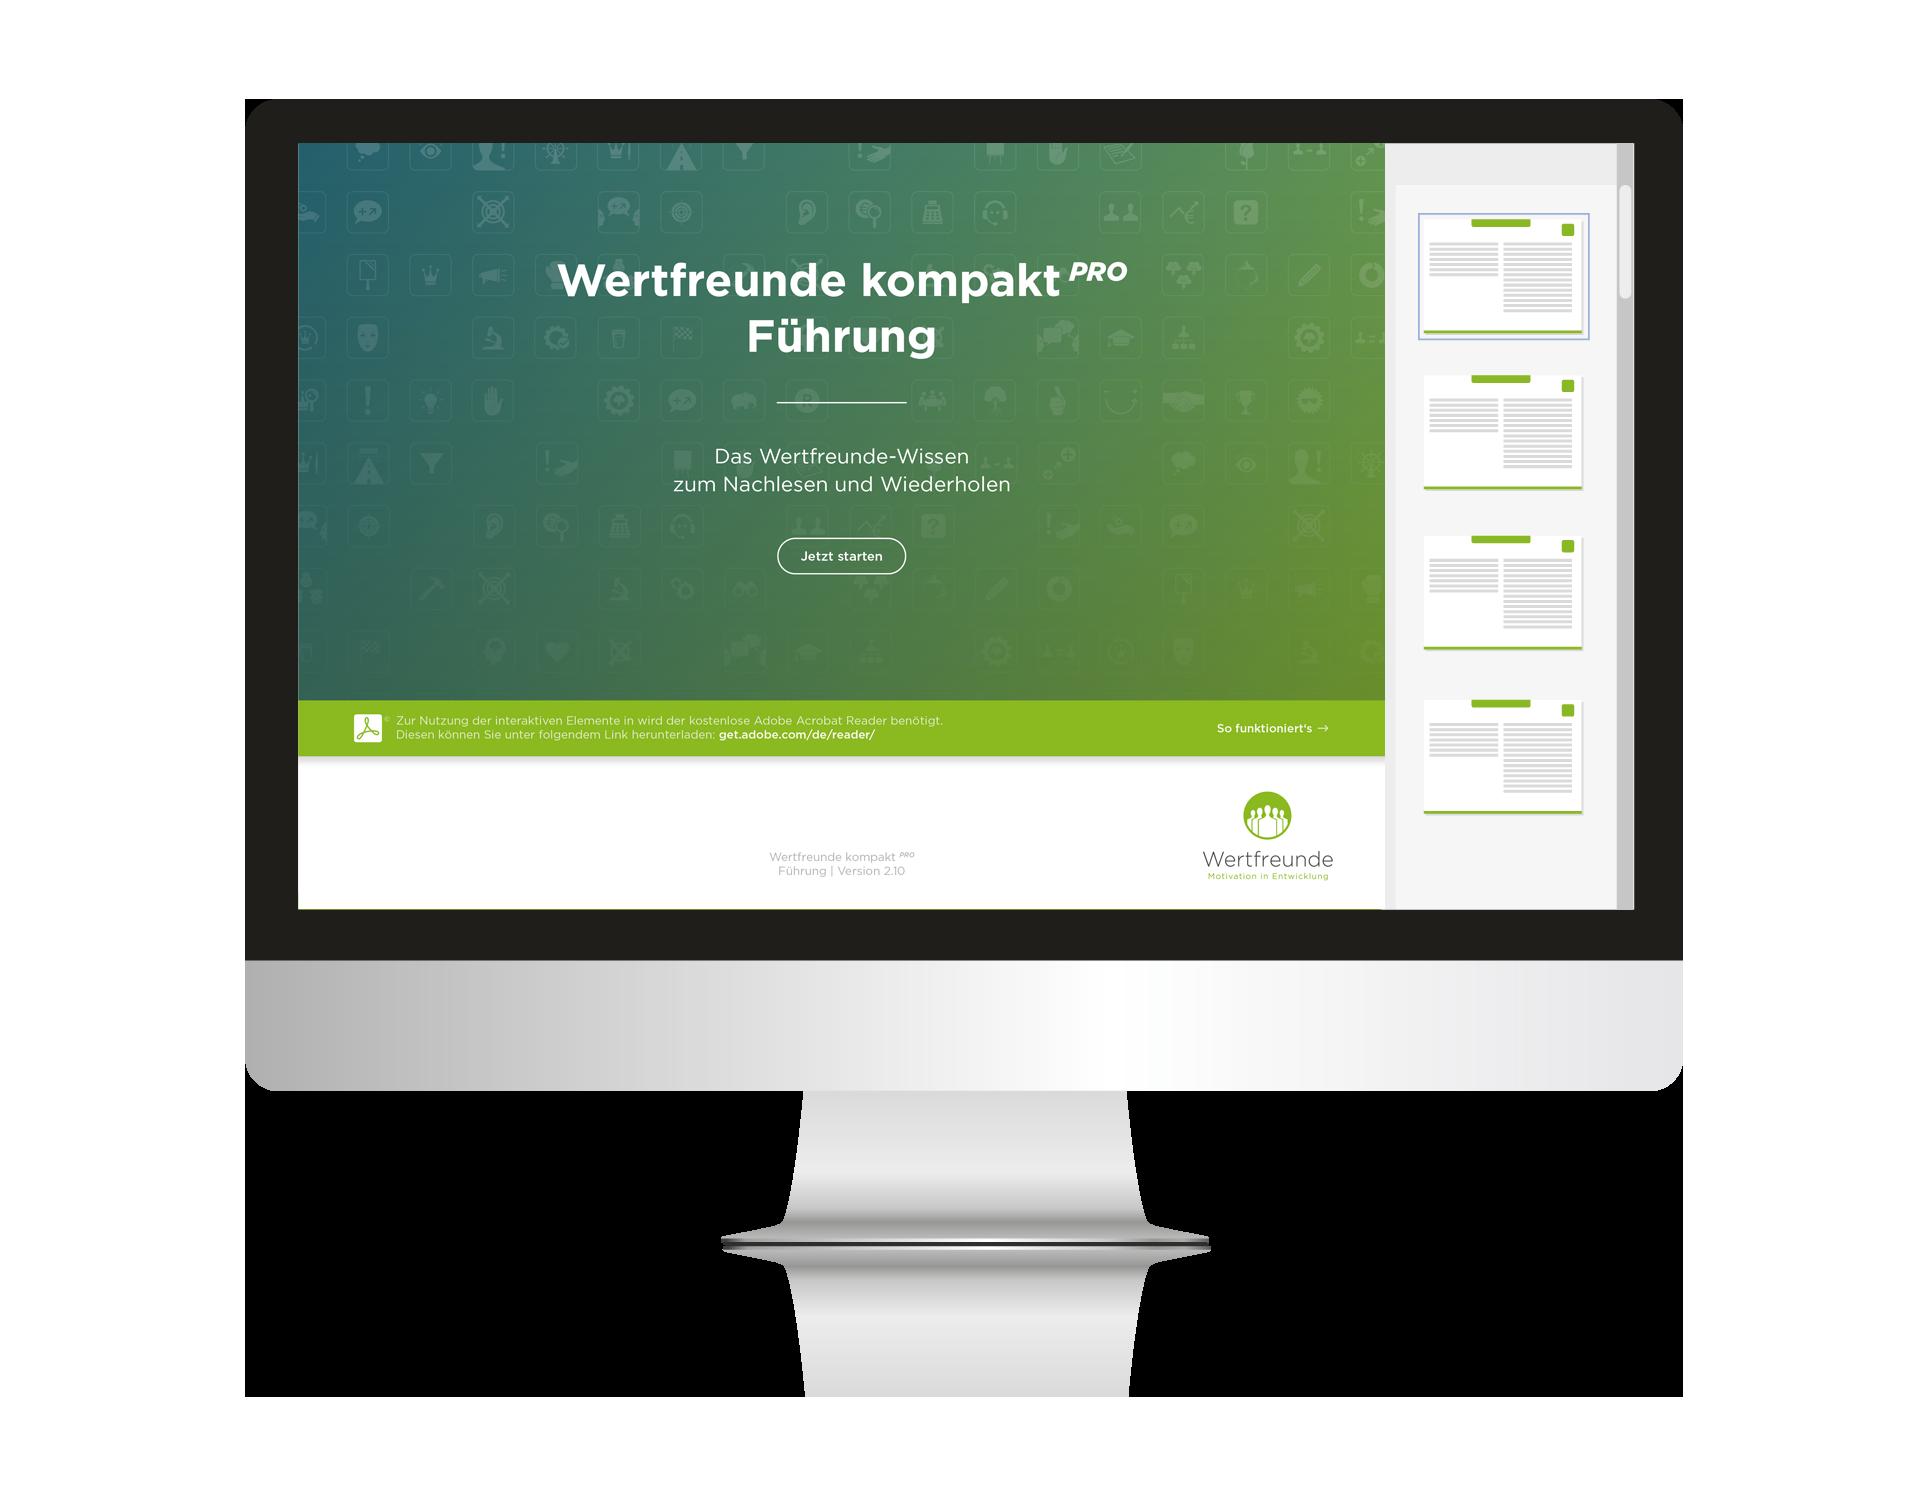 Wertfreunde kompakt Pro